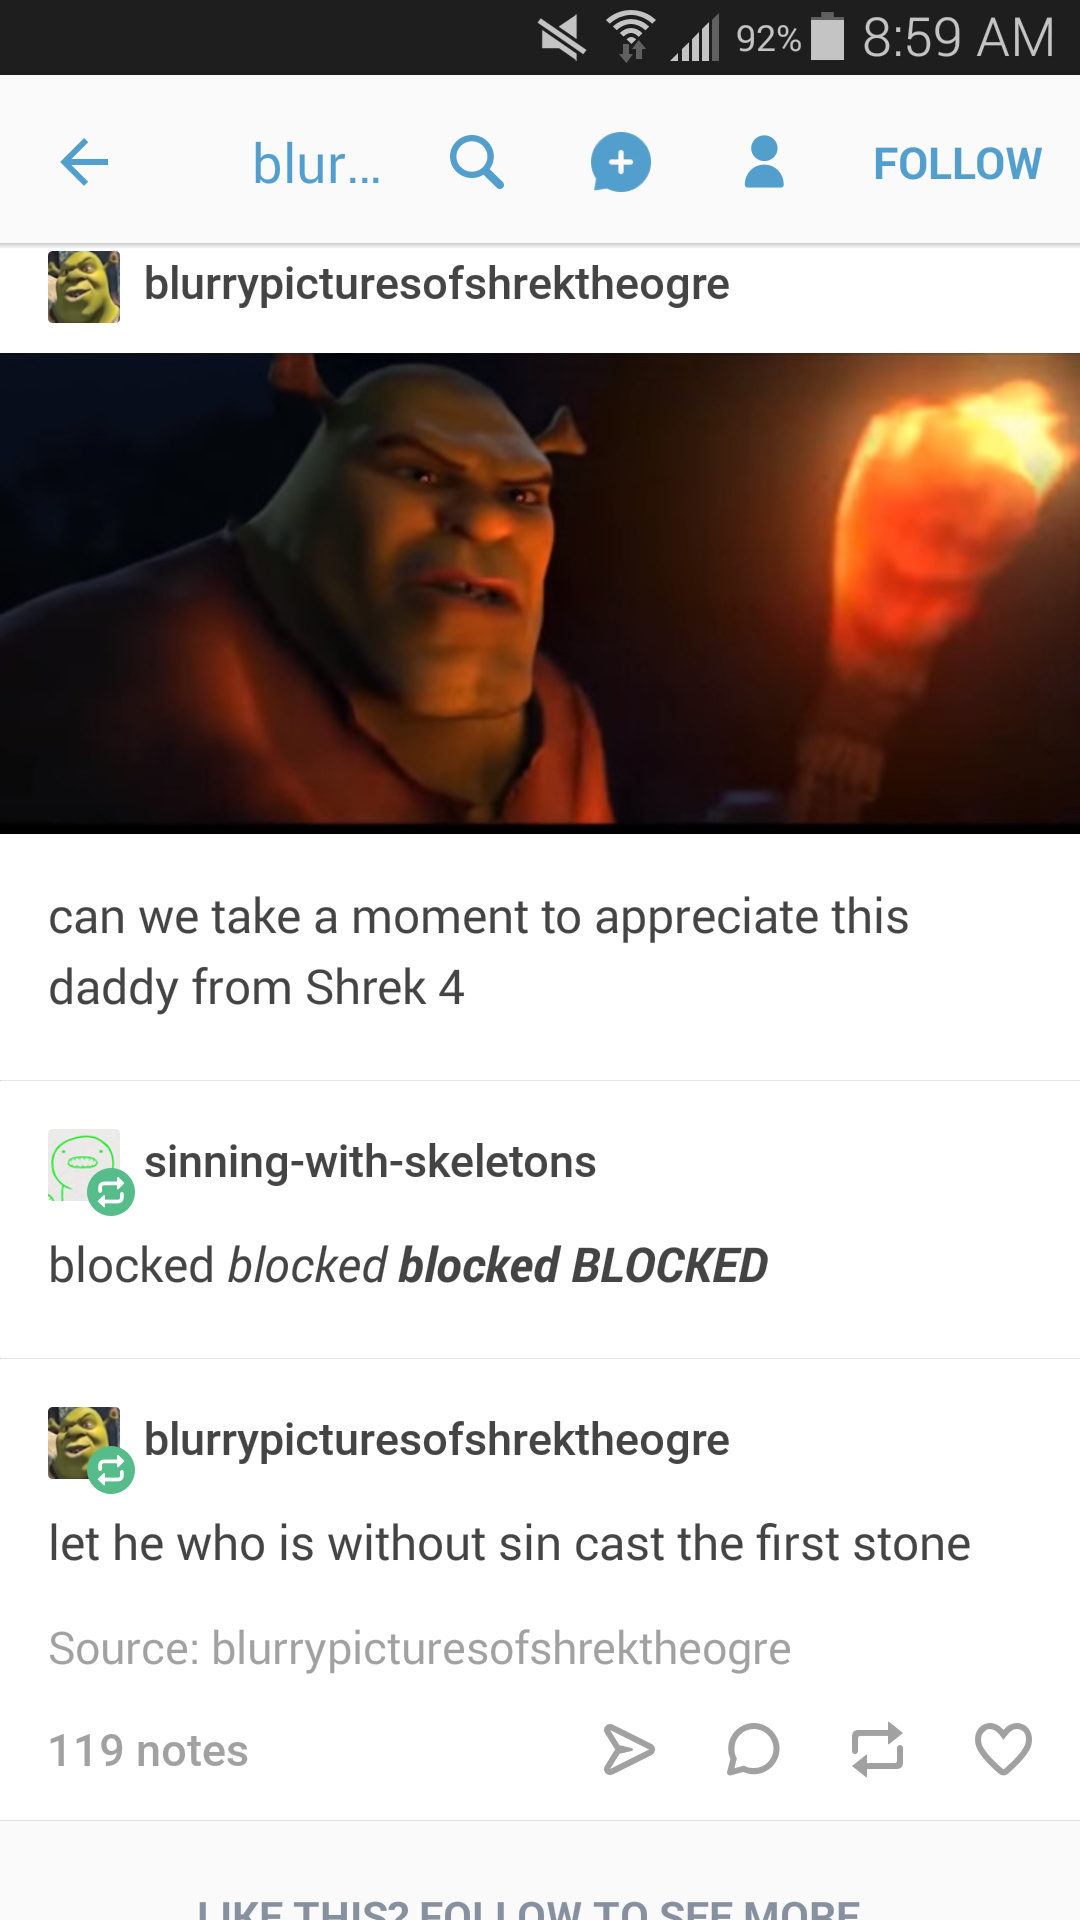 Regular Shrek or daddy shrek? - meme